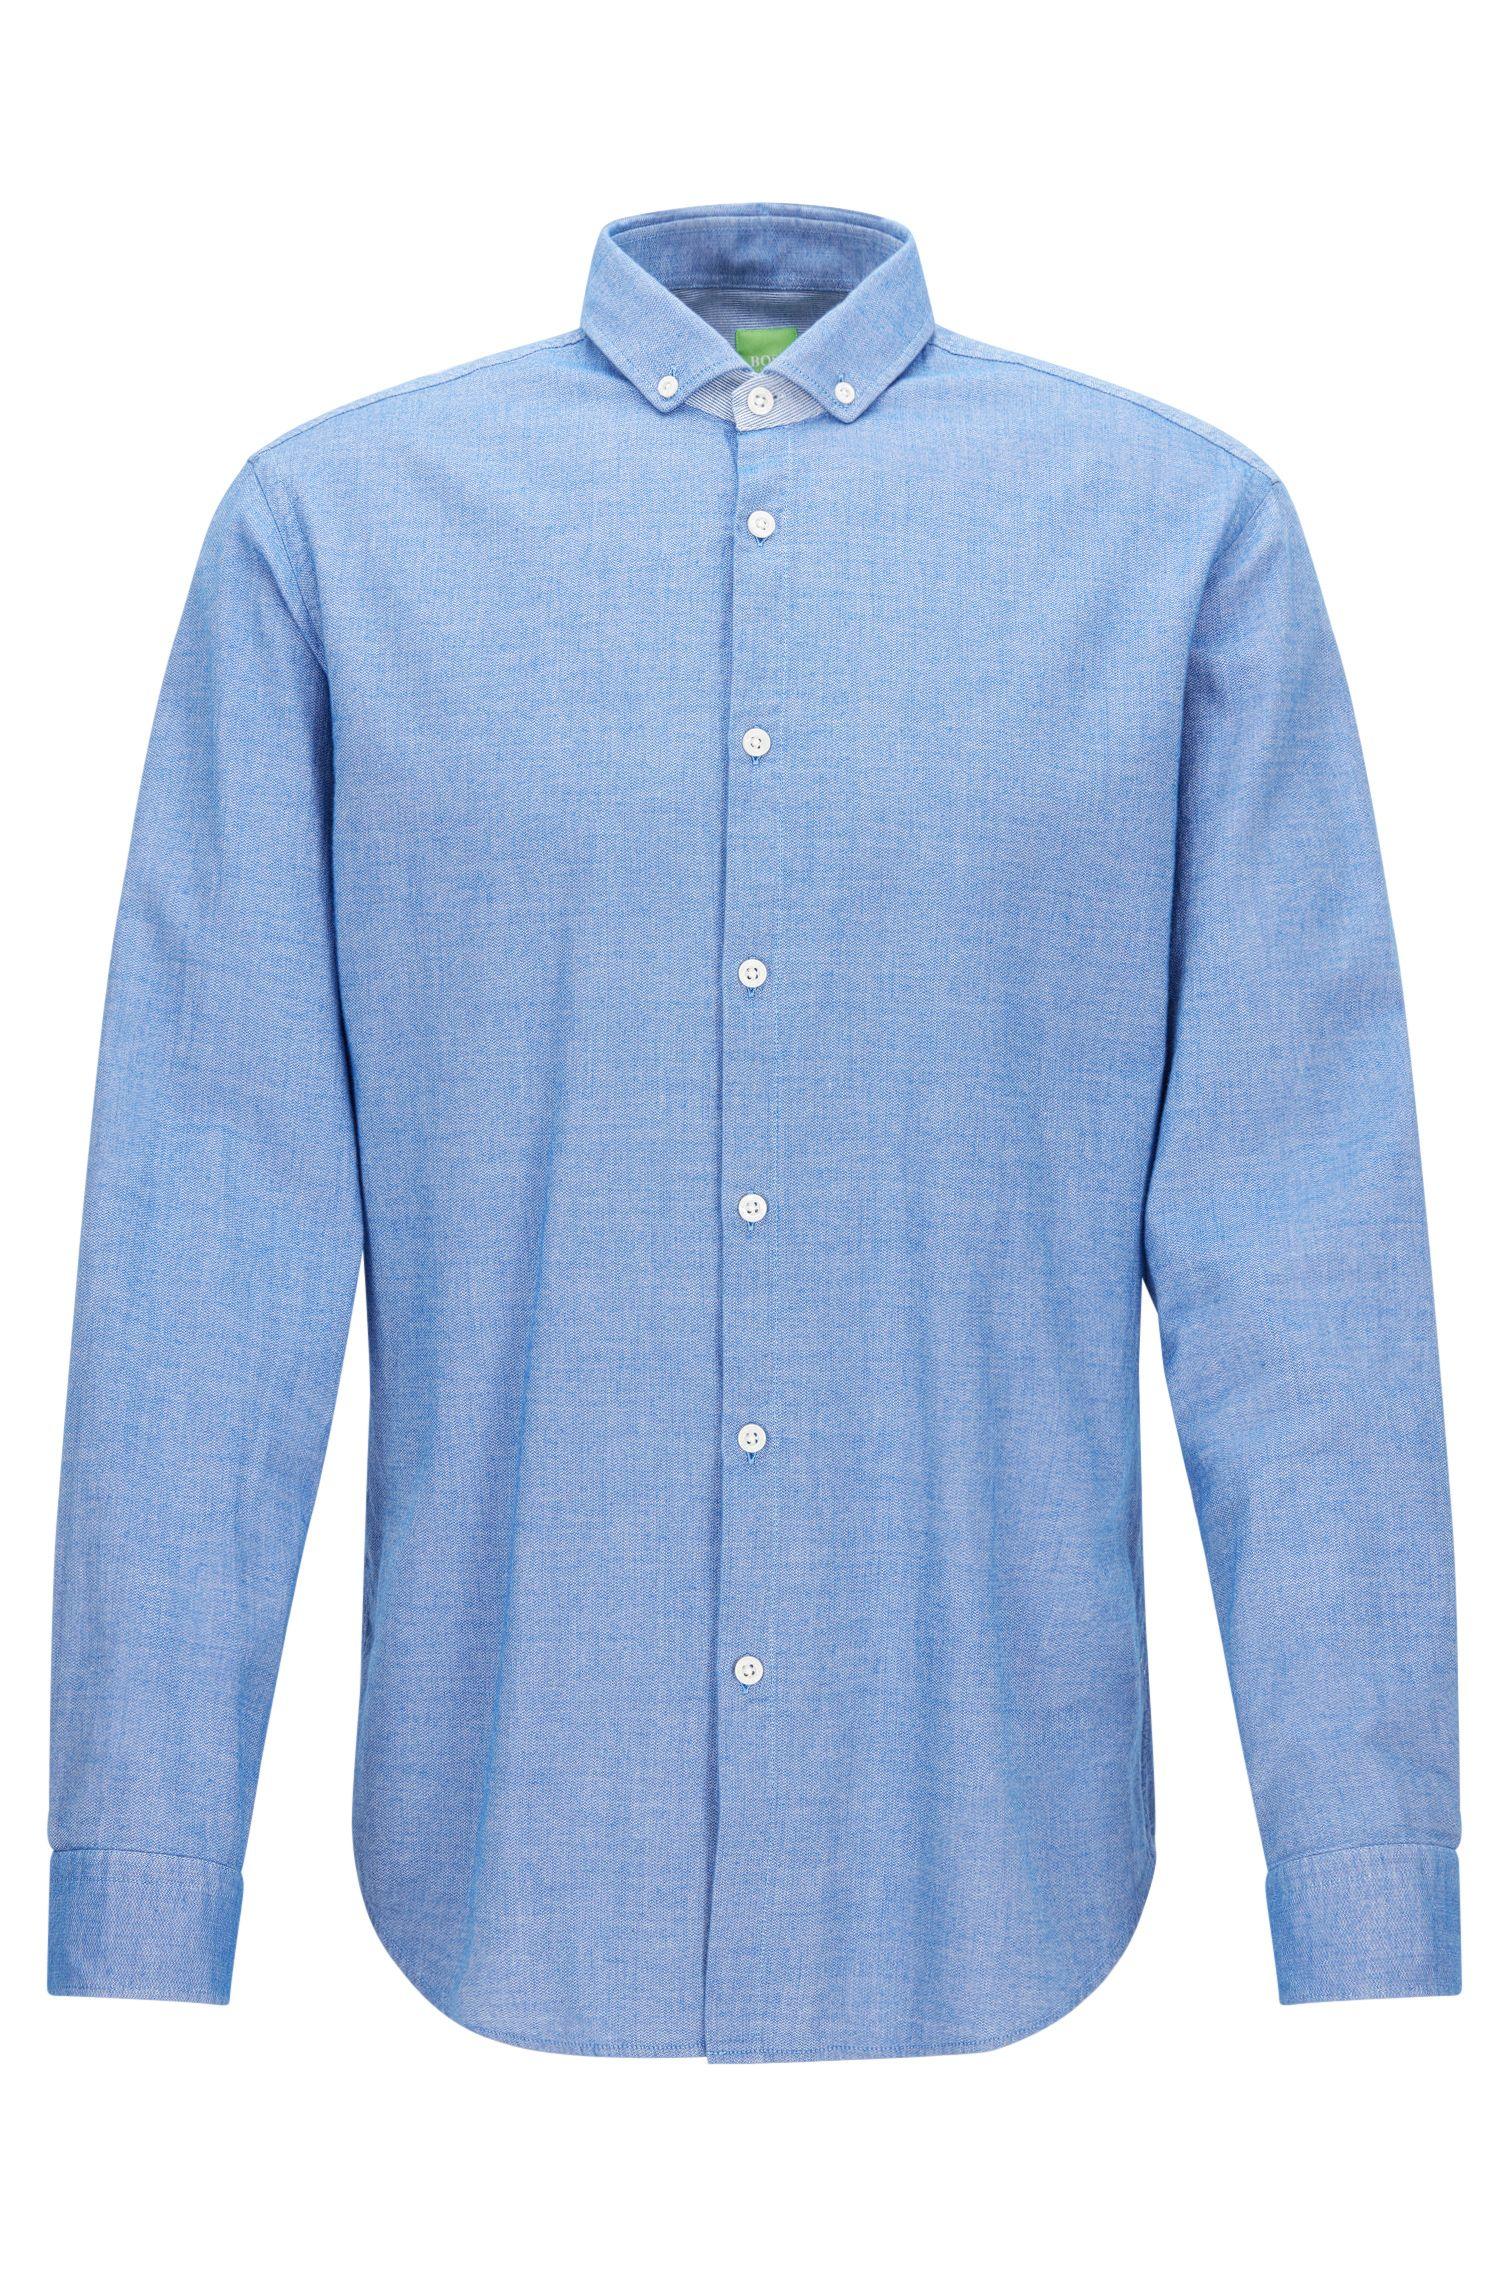 Denim-effect shirt in a regular fit